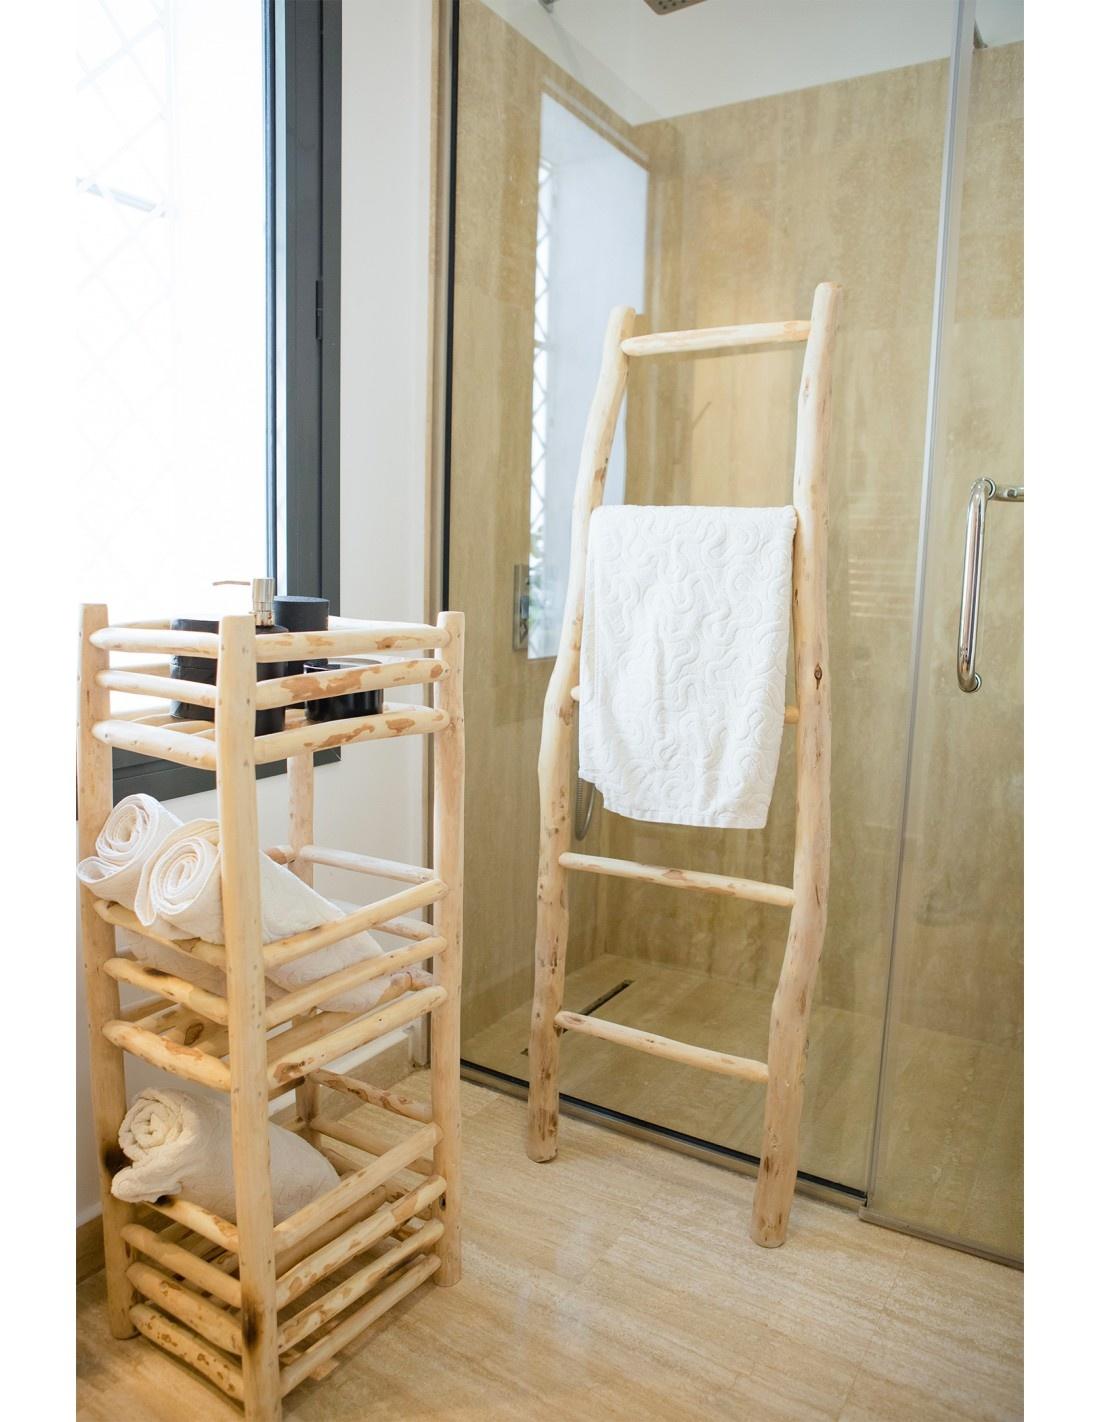 Rock the Kasbah Decorative ladder wood - 180cm - Natural